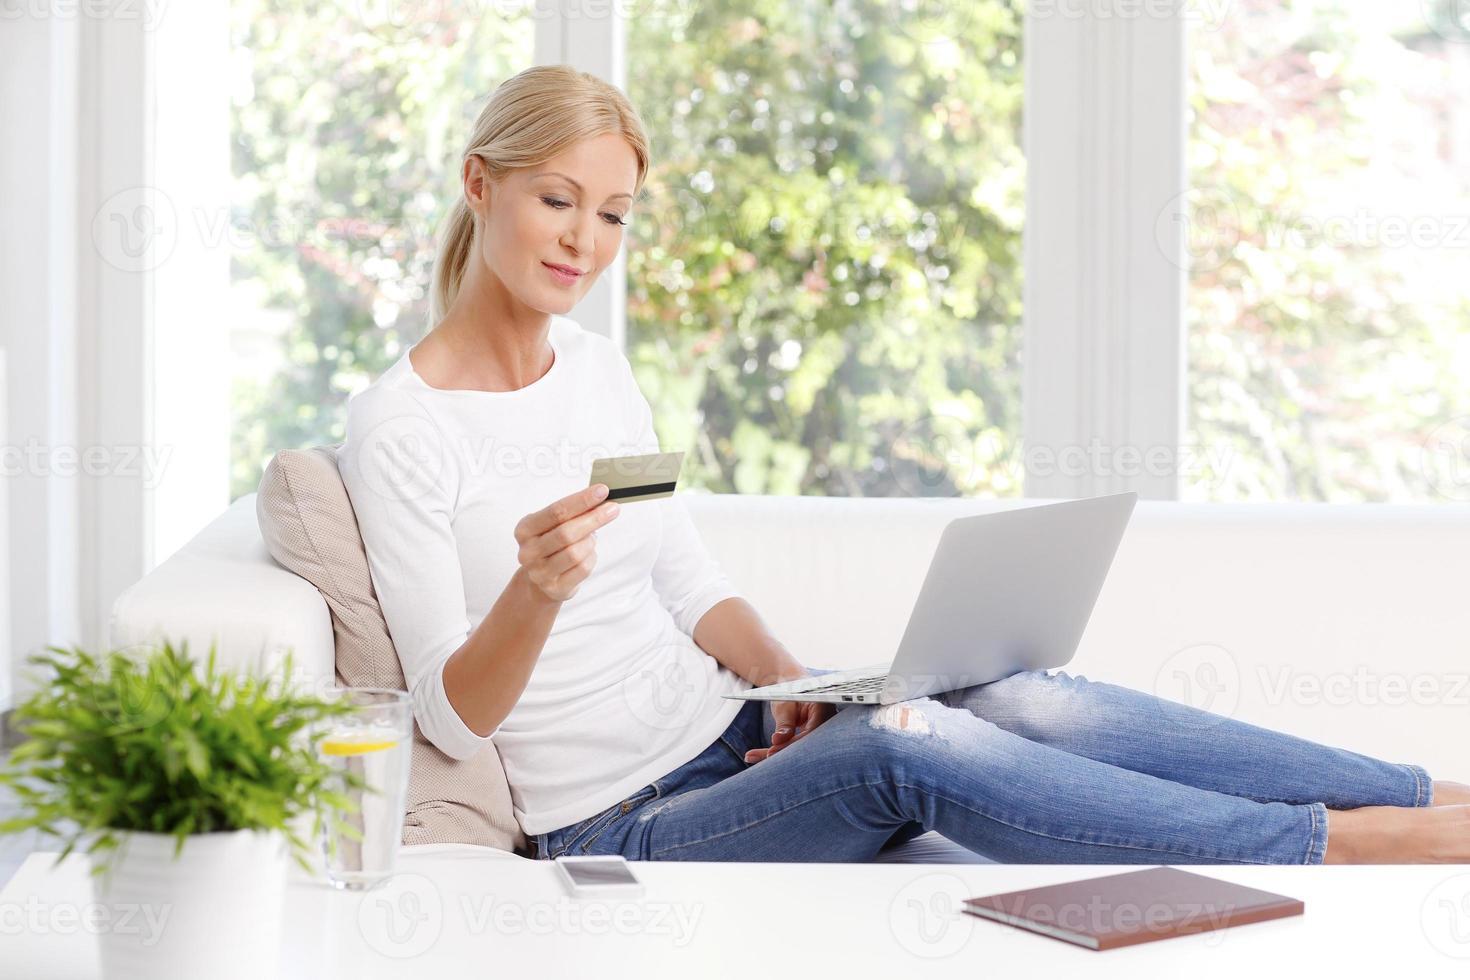 achats en ligne à domicile photo